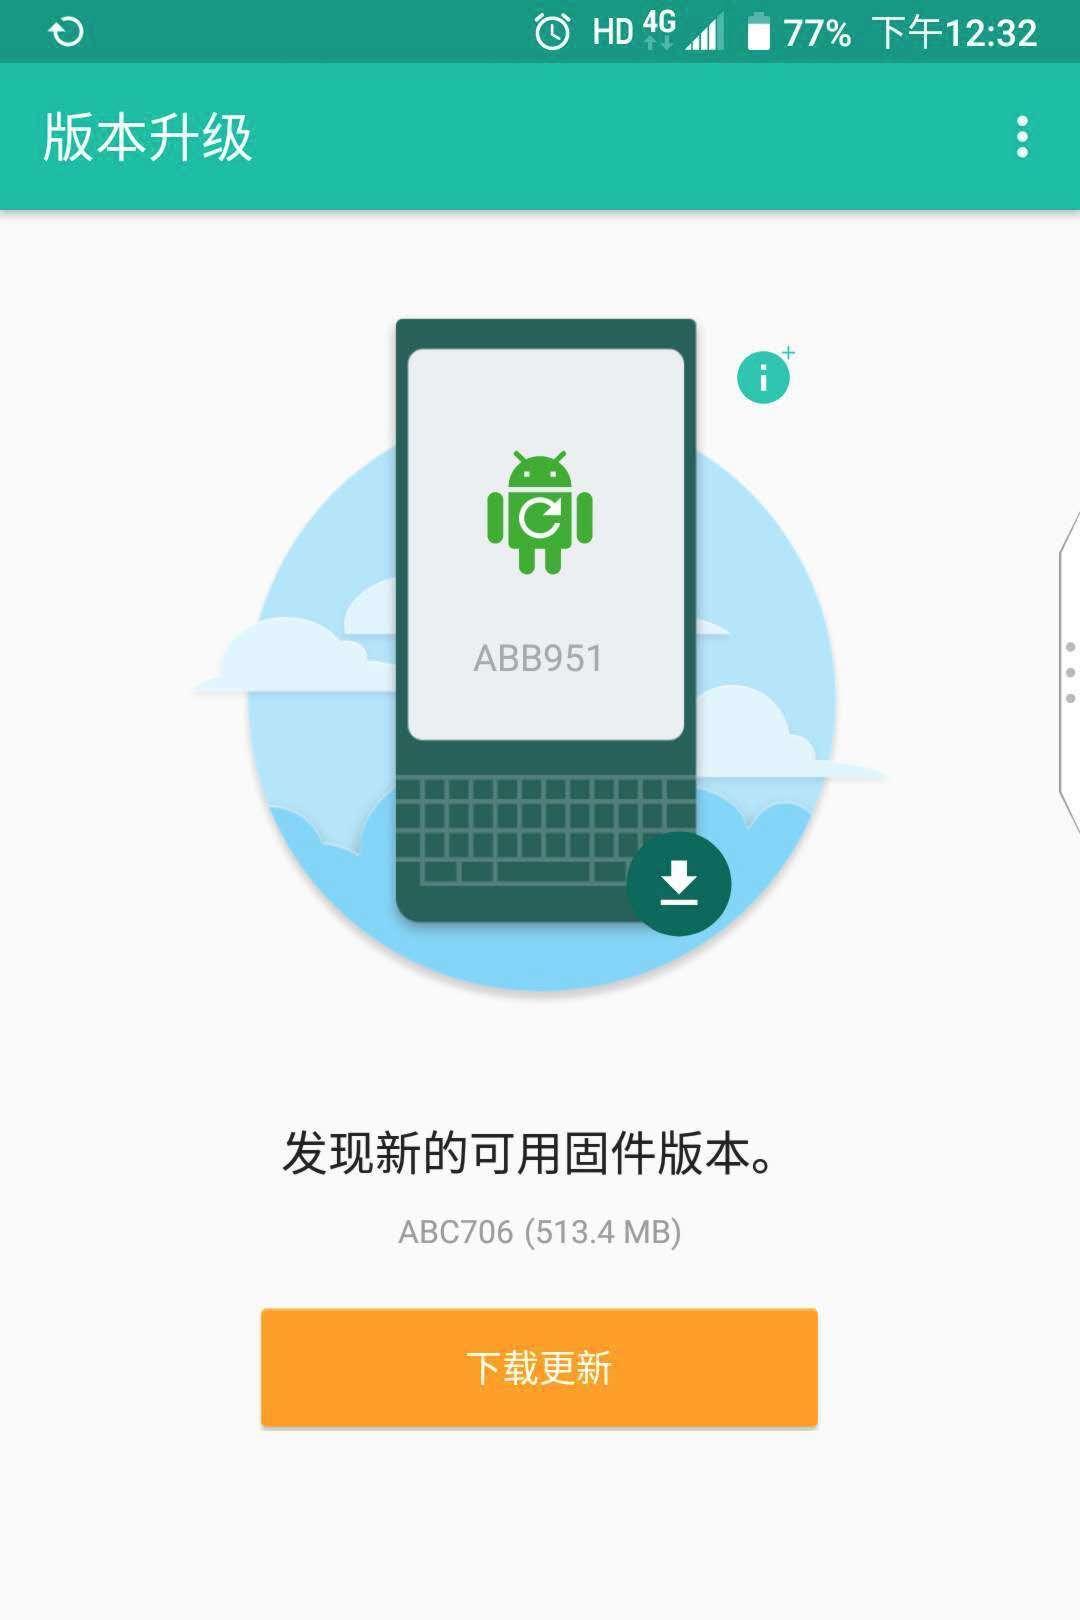 升级版本ABC706(513.4MB)